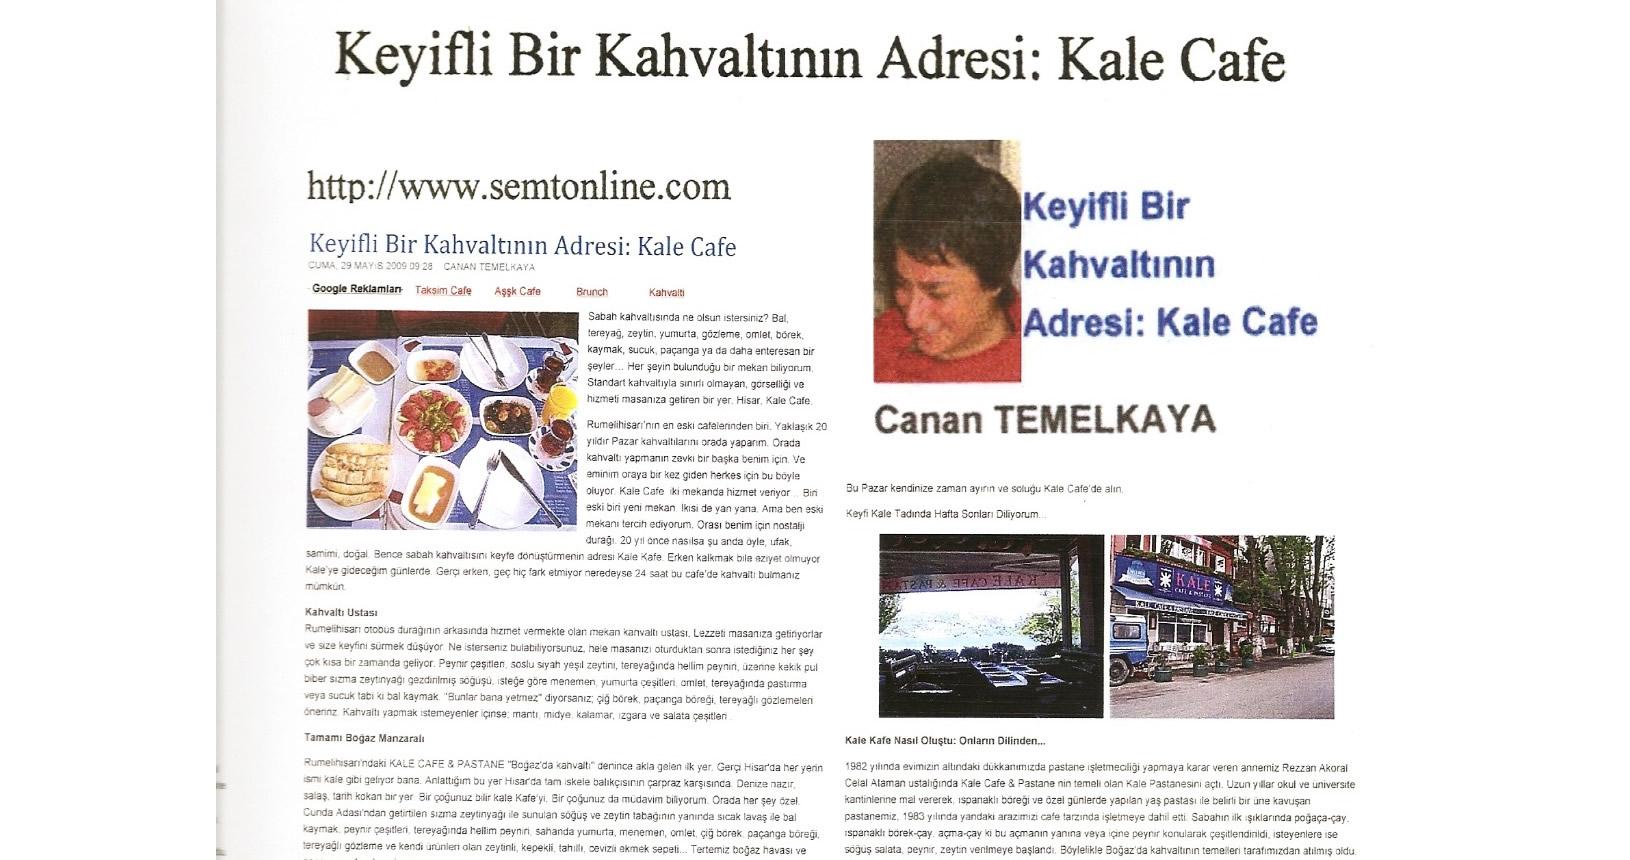 Kale Cafe Semt Online